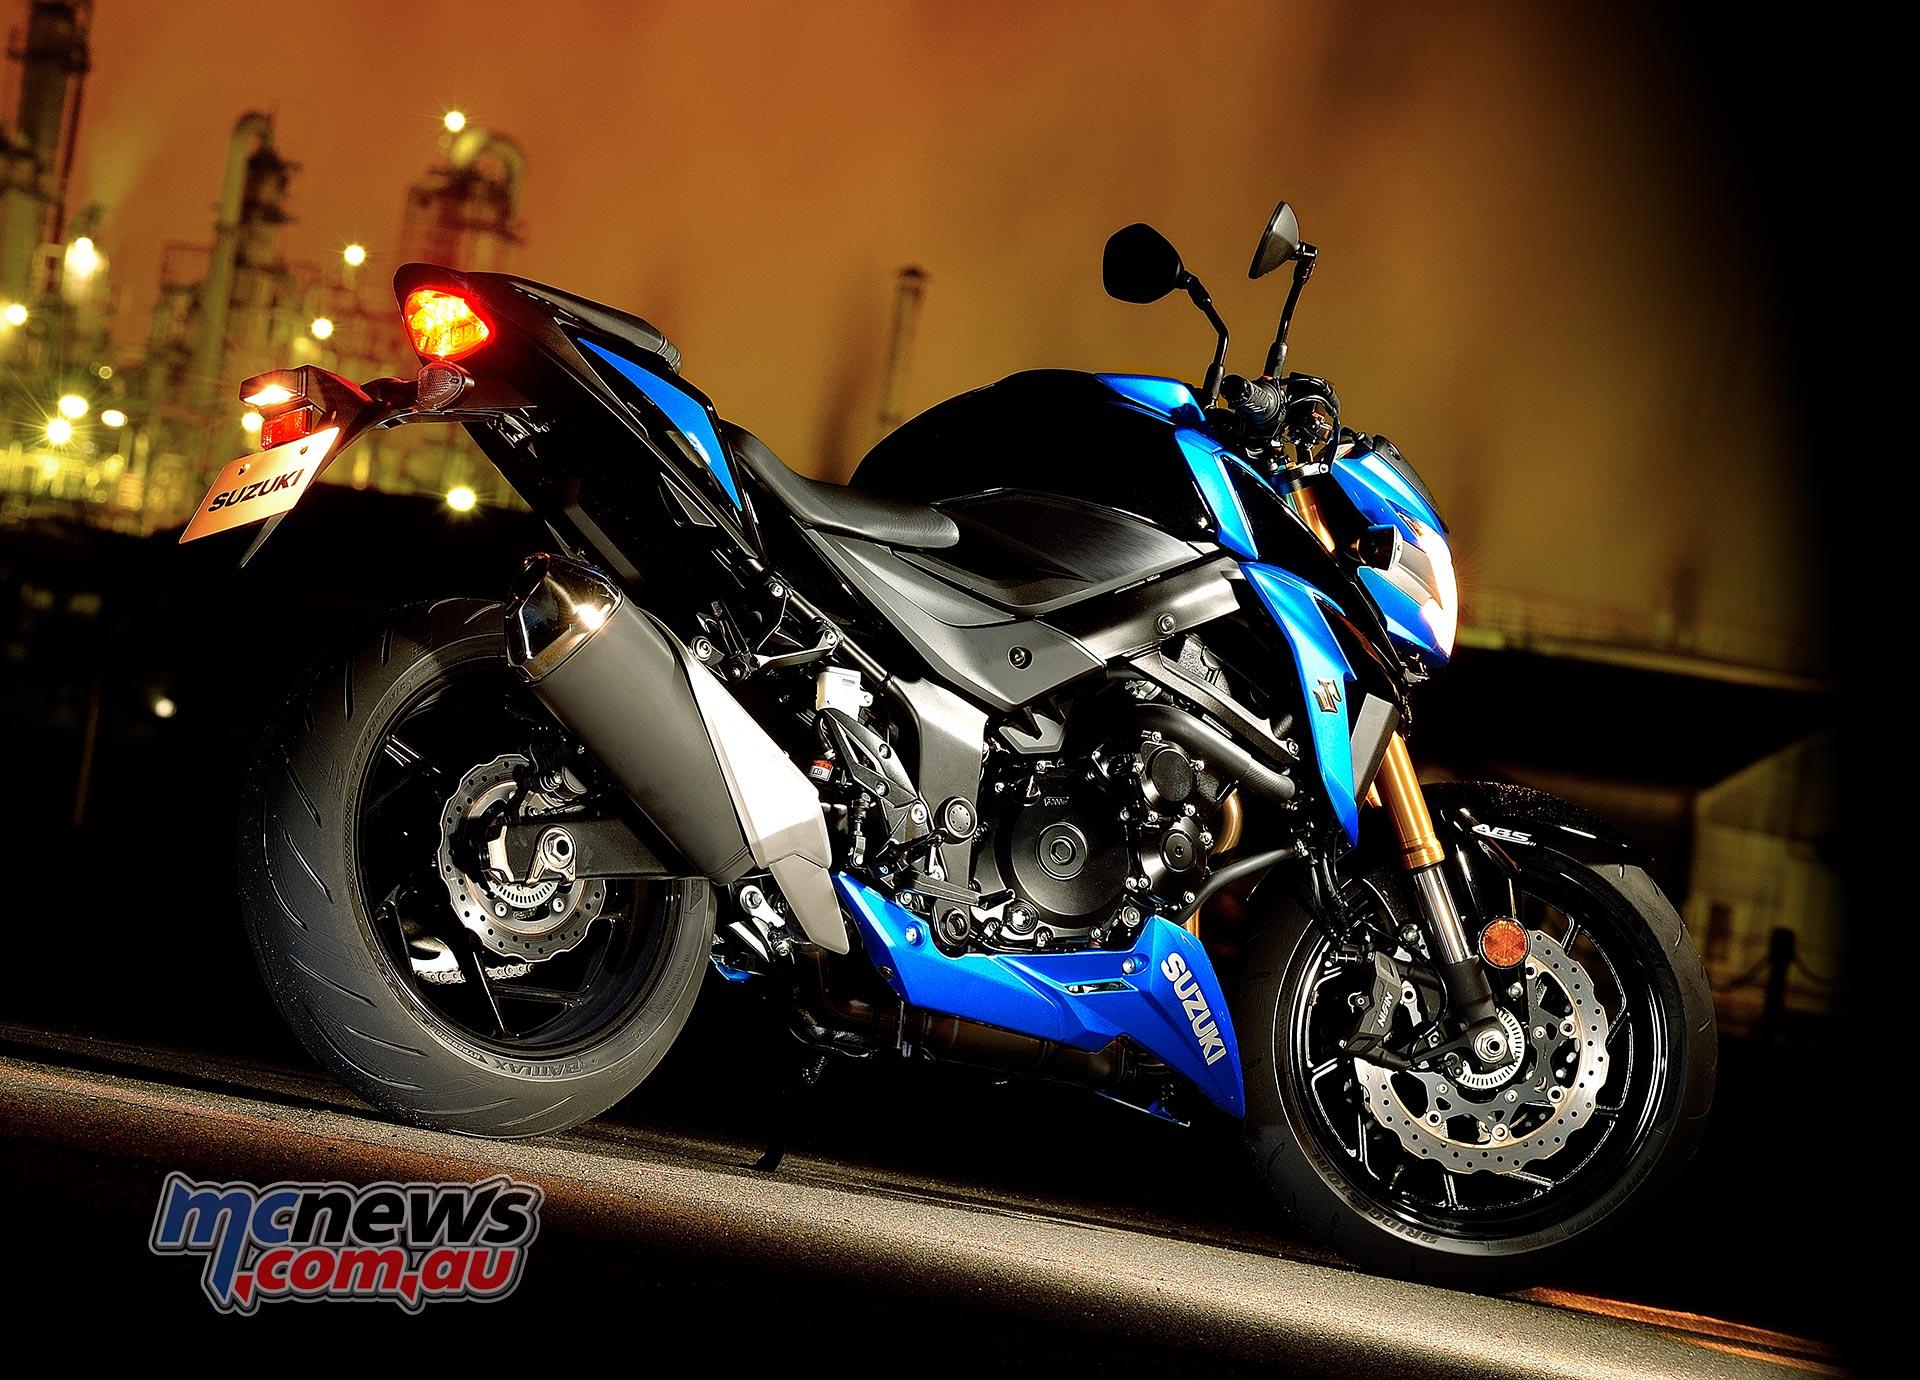 New Suzuki Gsxr Specs